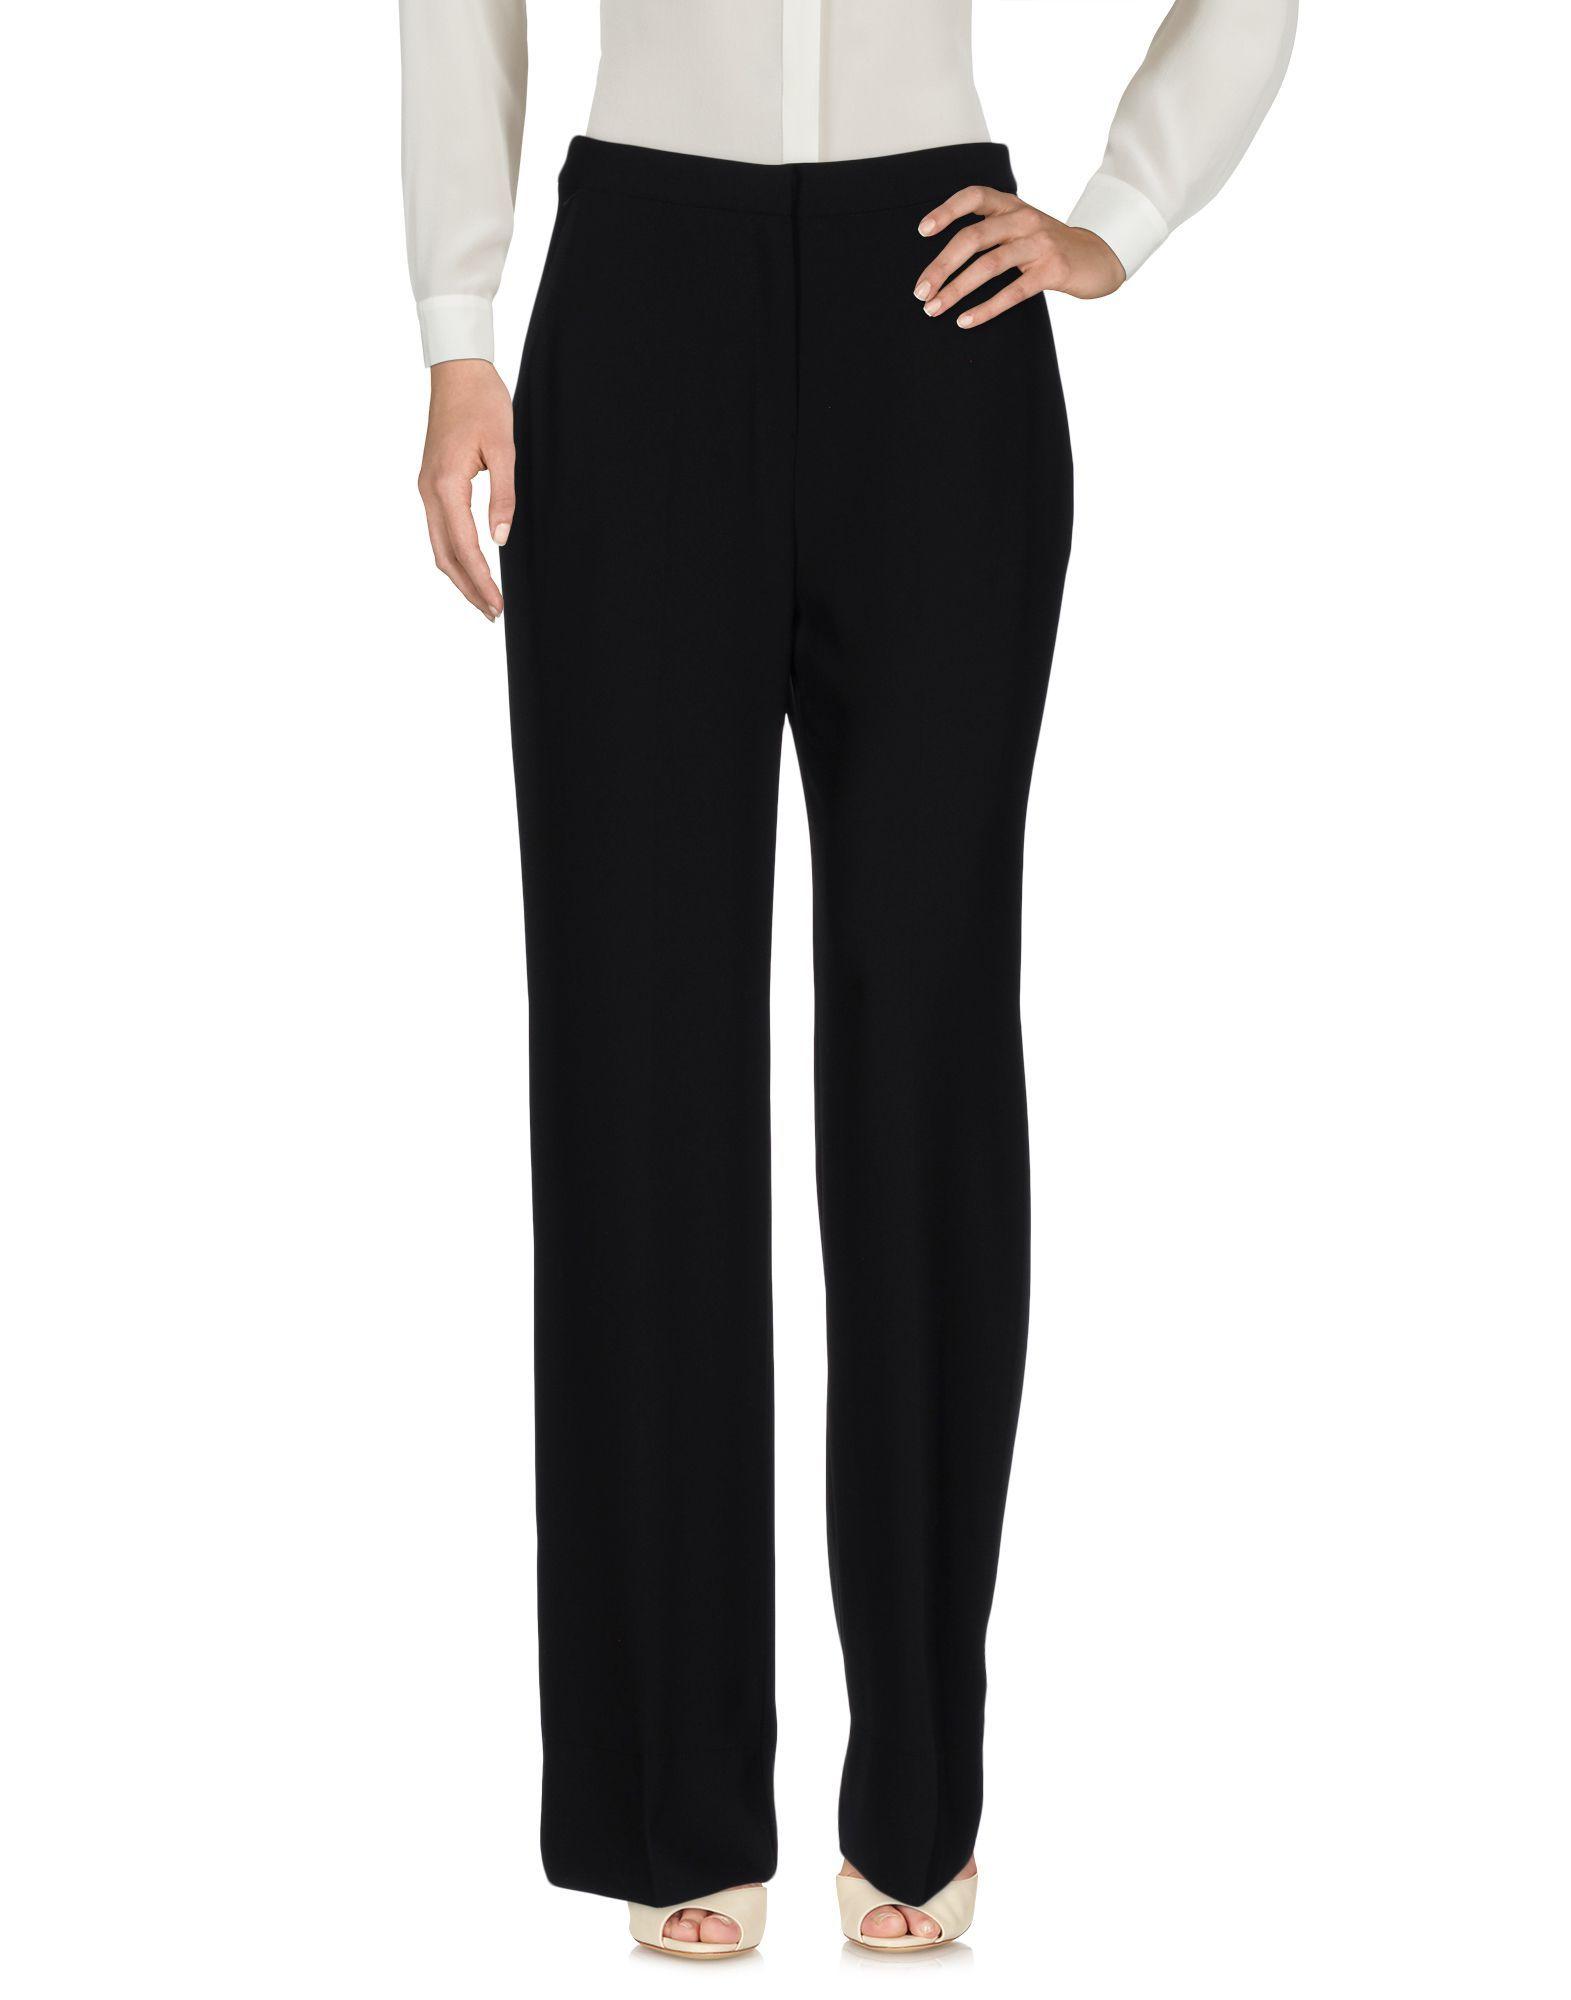 Kaos Black Trousers